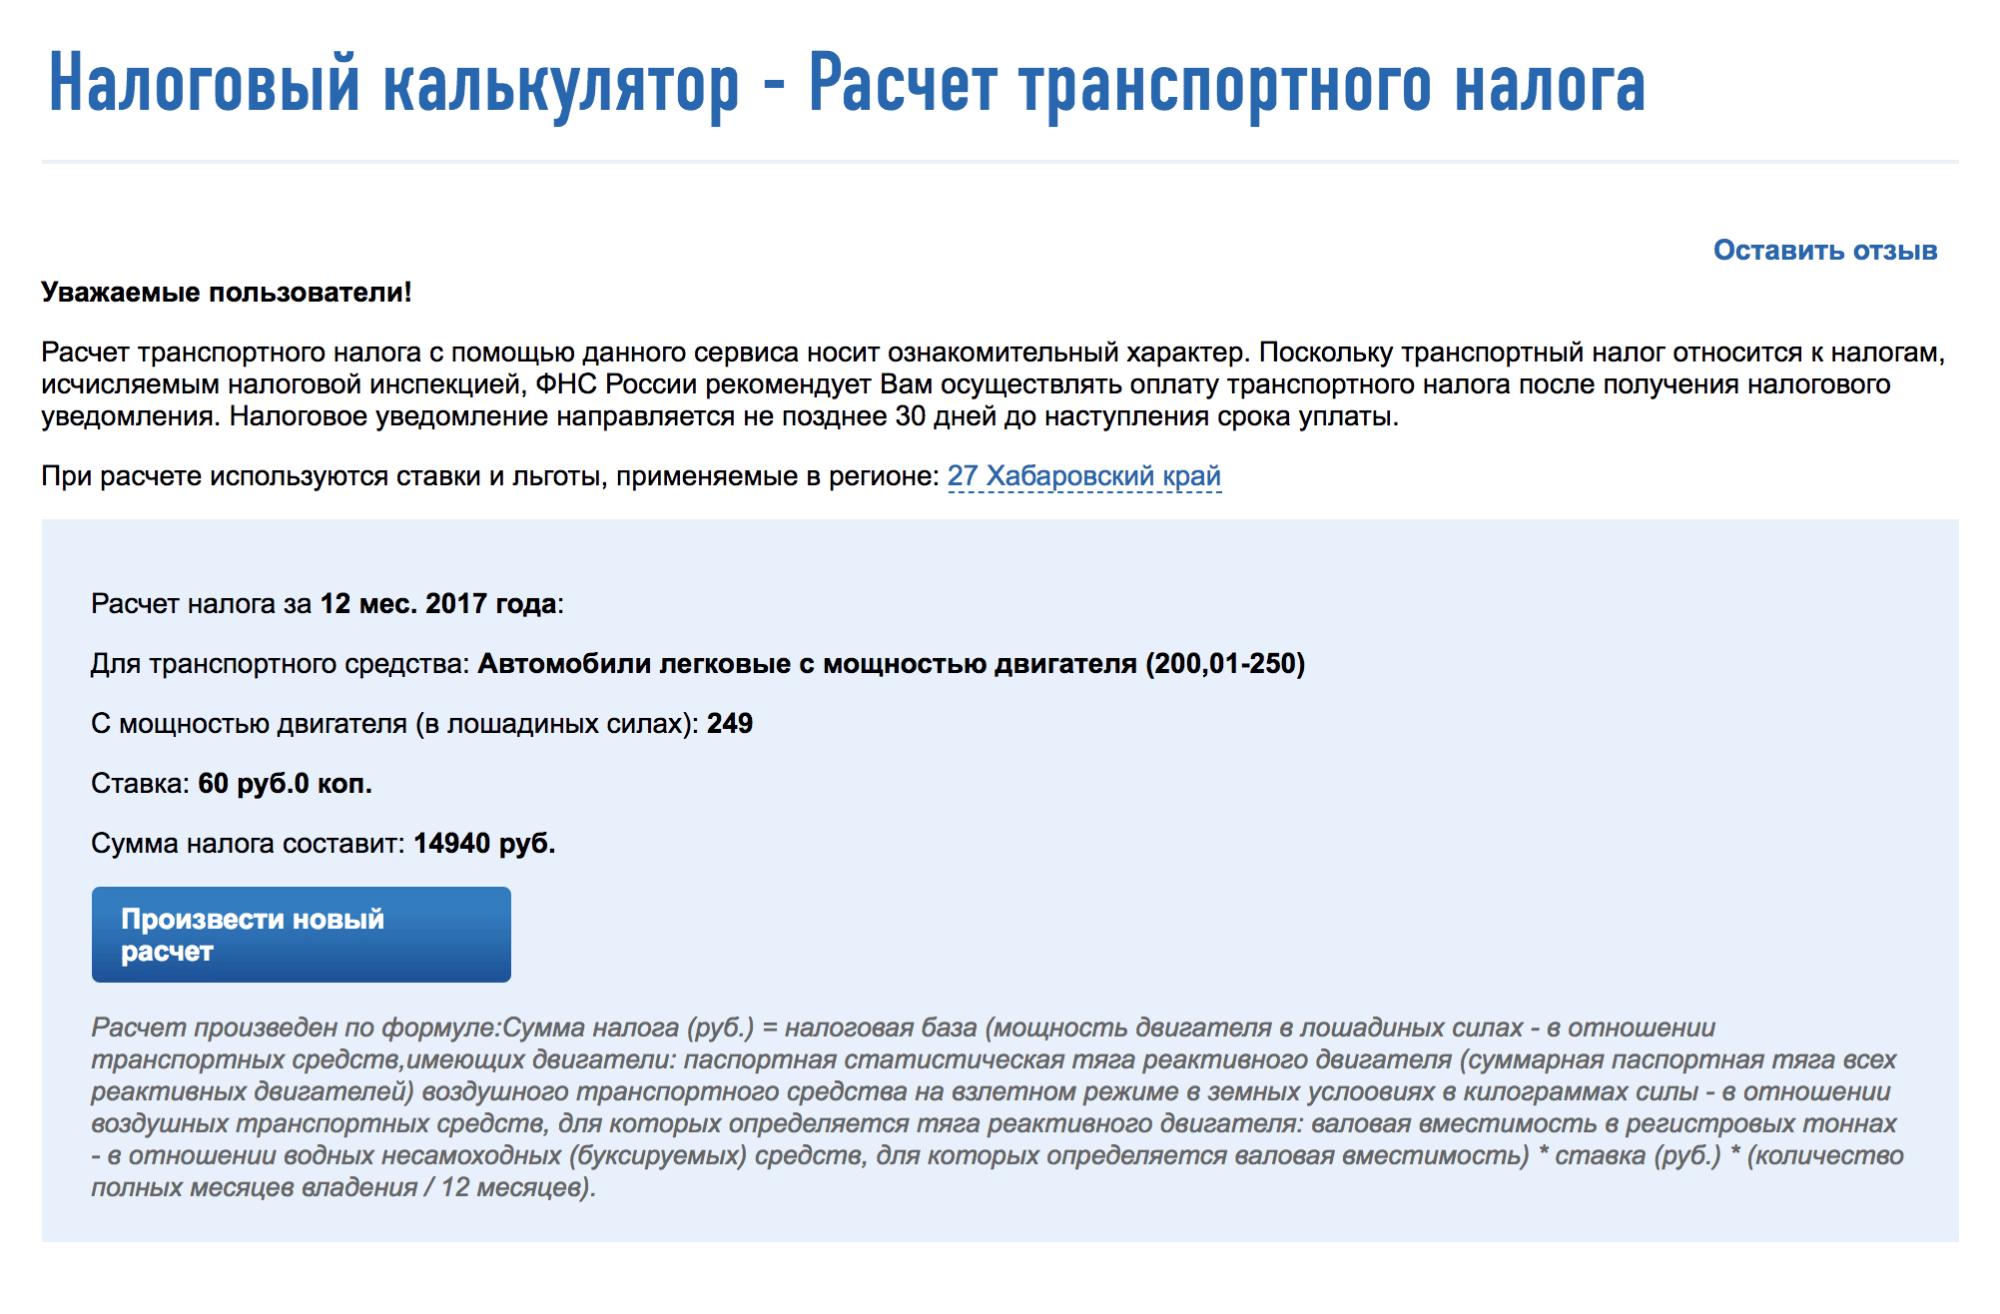 Ставки транспортного налога в регионах россии 2015 ставки транспортного налога 2014 на автобусы